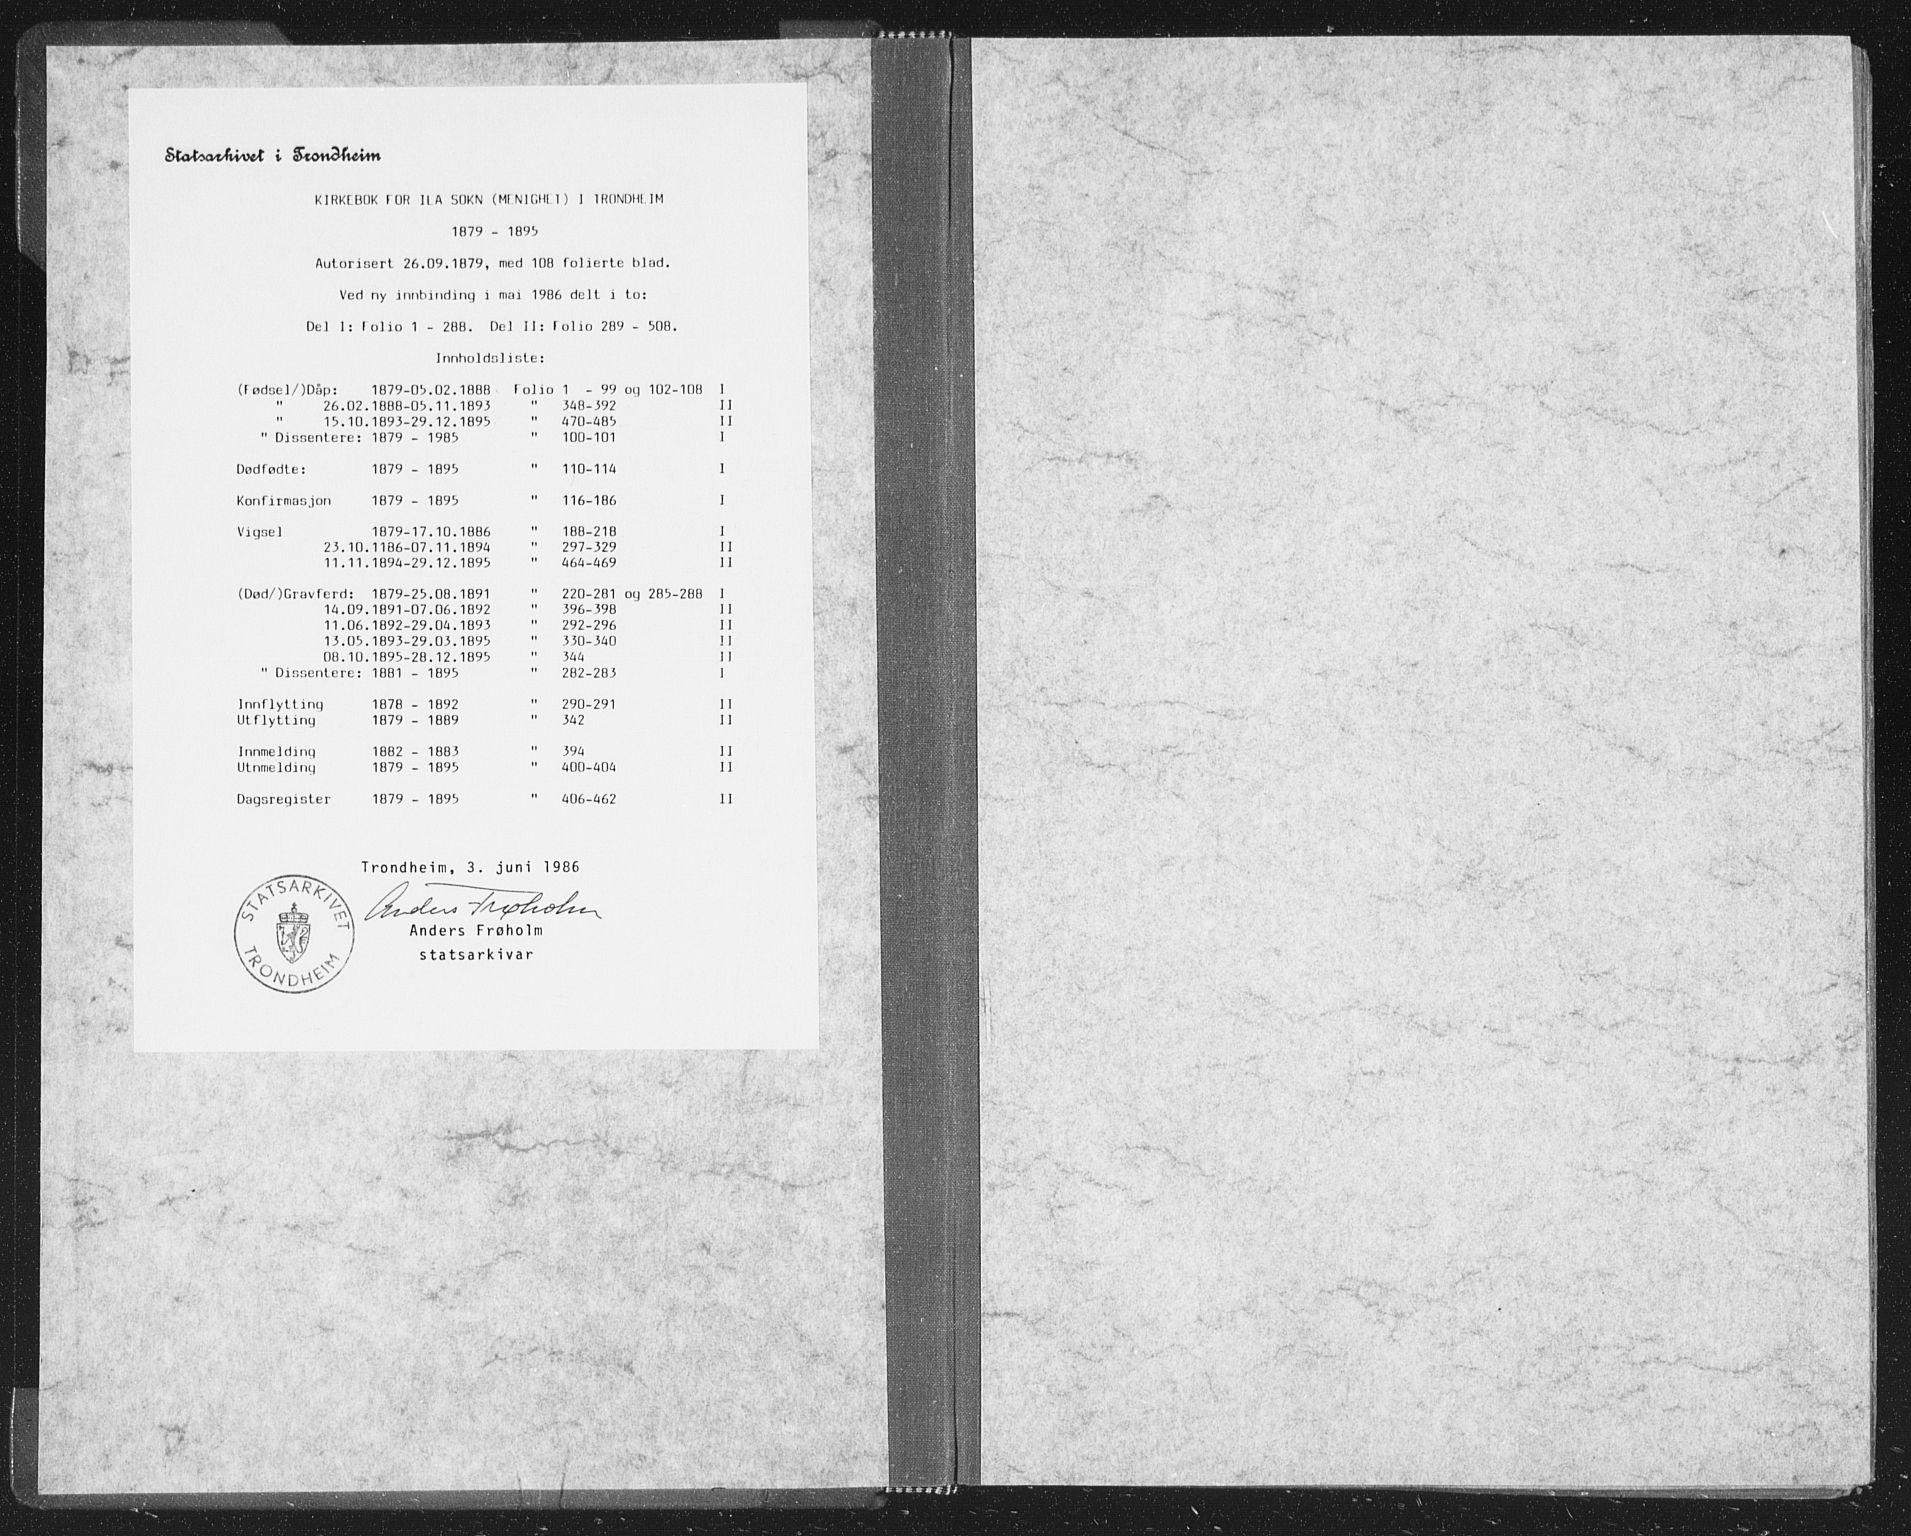 SAT, Ministerialprotokoller, klokkerbøker og fødselsregistre - Sør-Trøndelag, 603/L0162: Ministerialbok nr. 603A01, 1879-1895